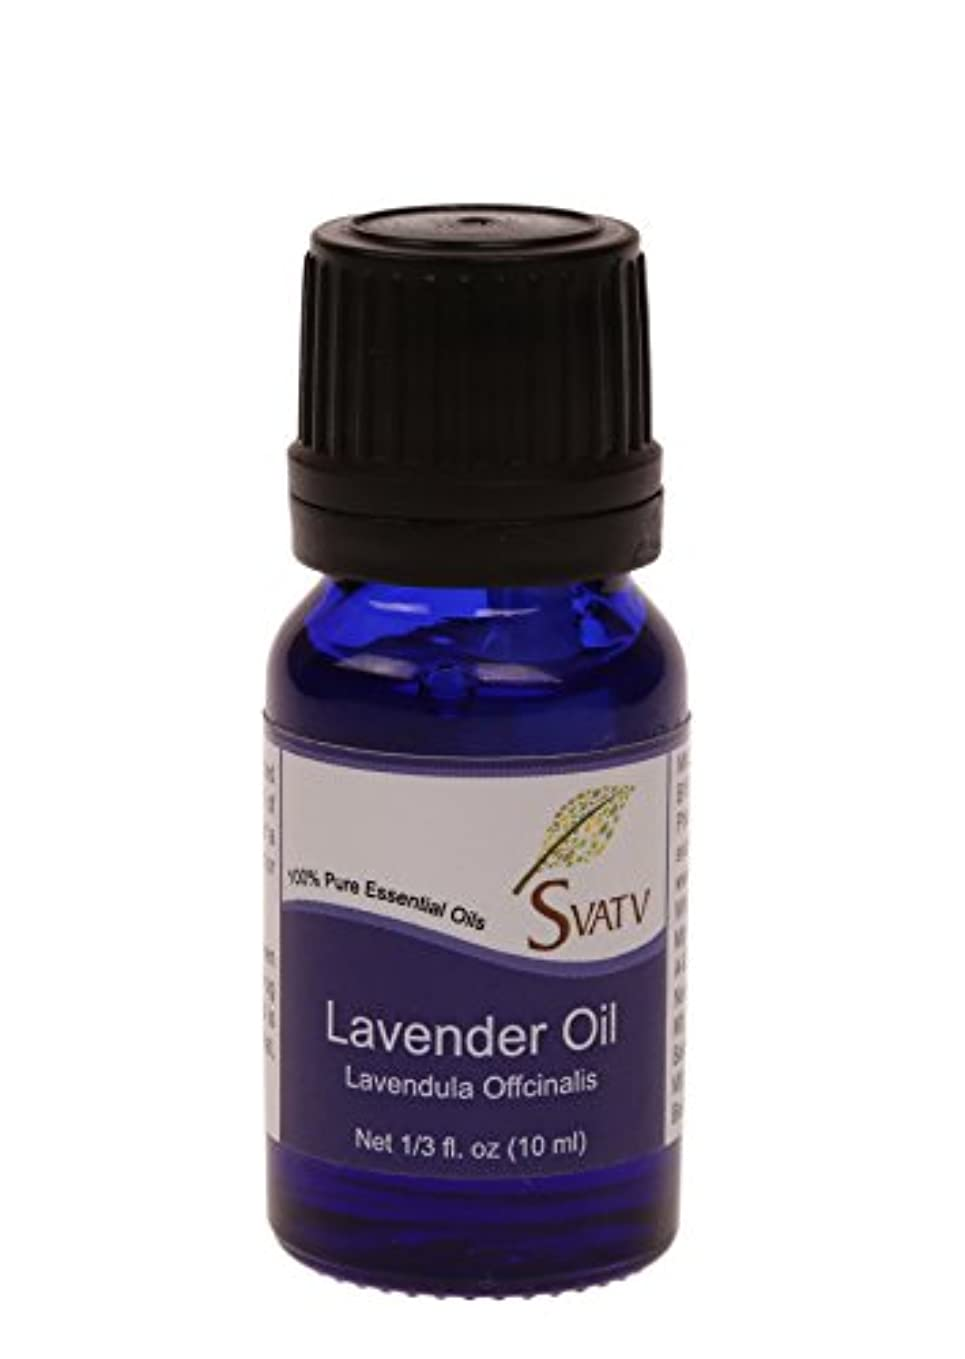 標高接続された解き明かすSVATVラベンダー(Lavandula Officinalis)エッセンシャルオイル10mL(1/3オンス)100%純粋で無希釈、治療用グレード